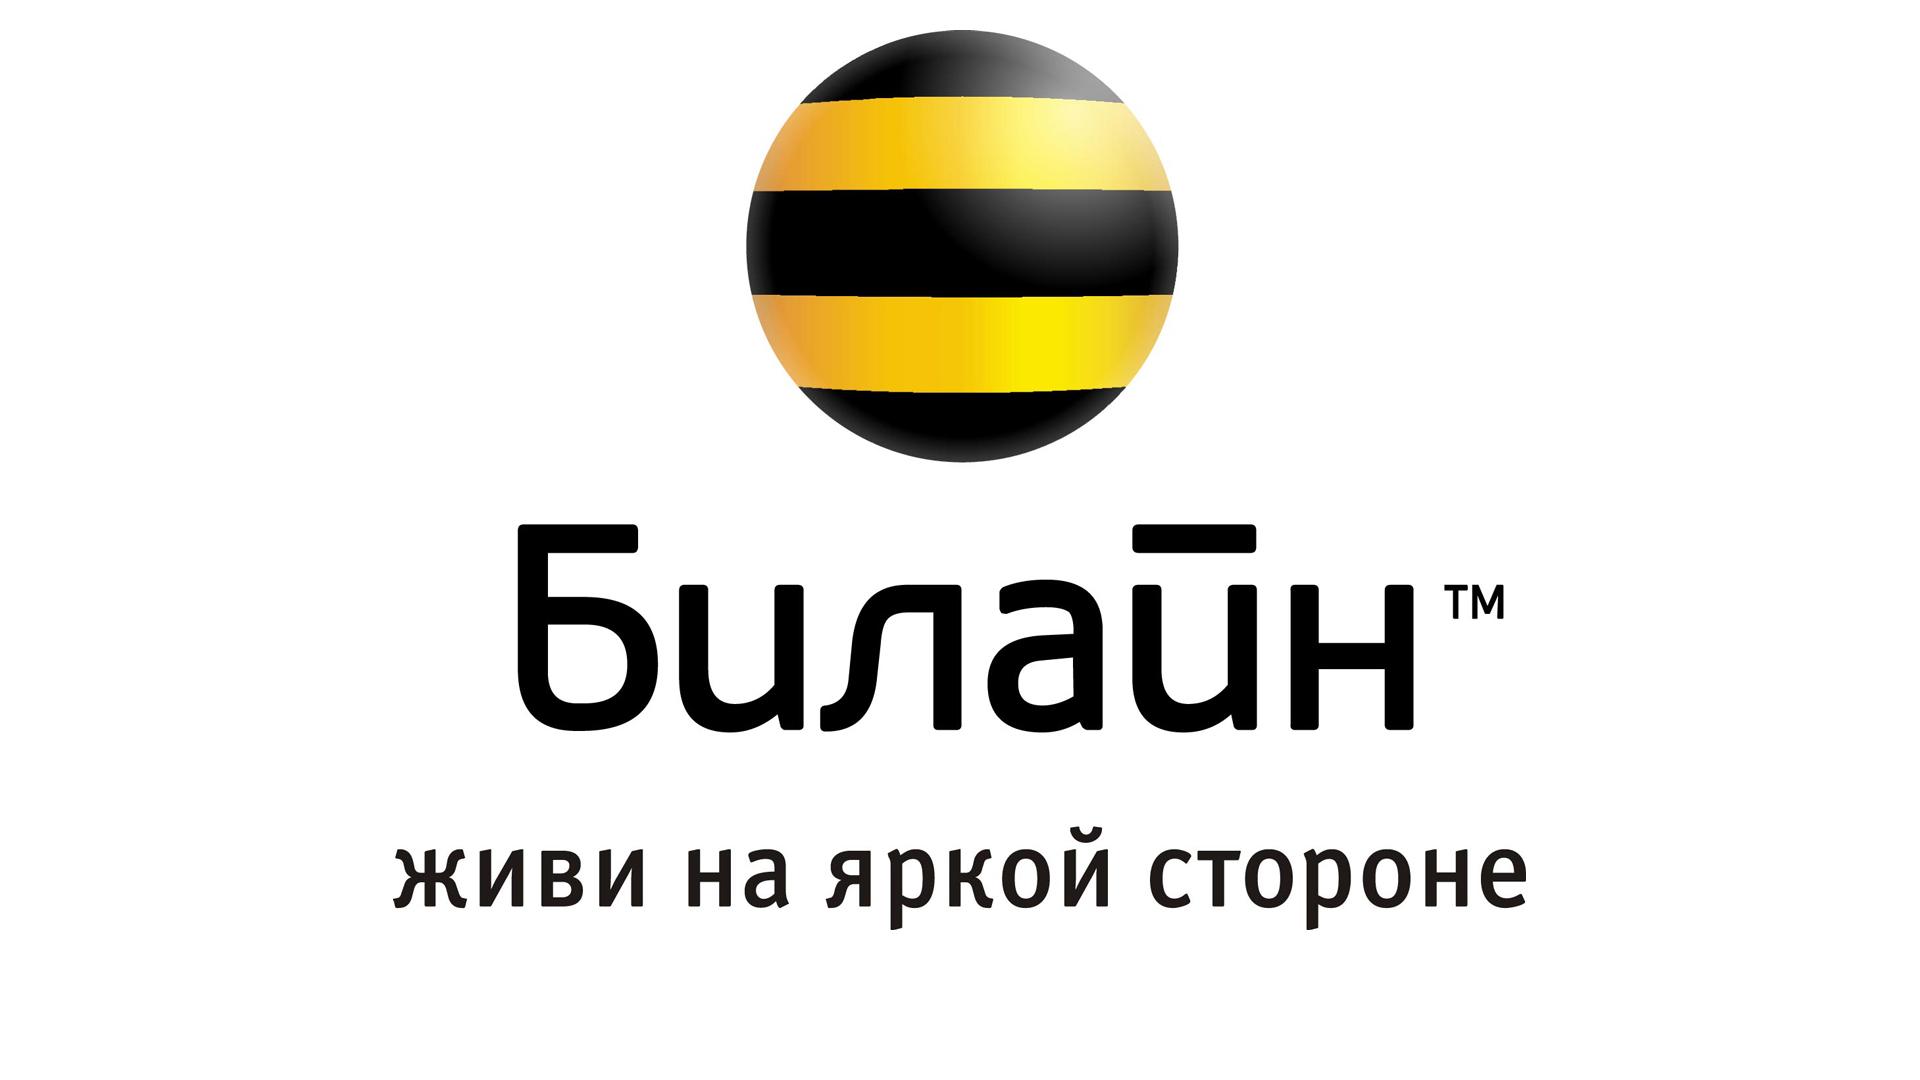 Широкоформатные обои Билайн, Билайн ...: www.fullhdoboi.ru/photo/brands/bilajn/31-0-4657